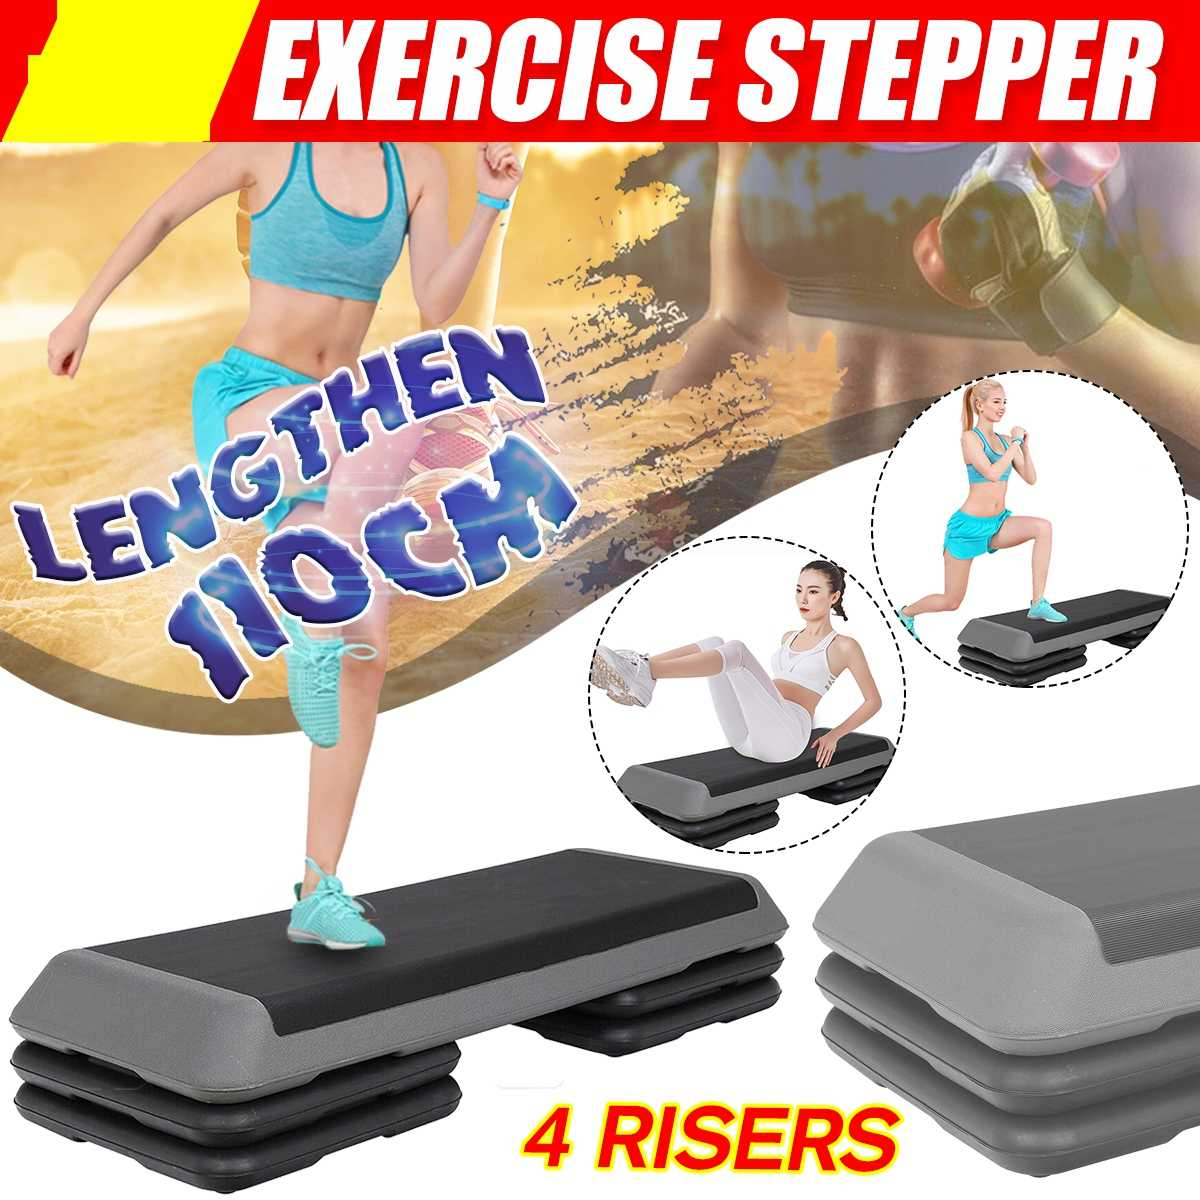 4 стойки 110 см, фитнес-аэробный шаг, нескользящая педаль для йоги, шаговые тренировки в тренажерном зале, упражнения для фитнеса, оборудовани...